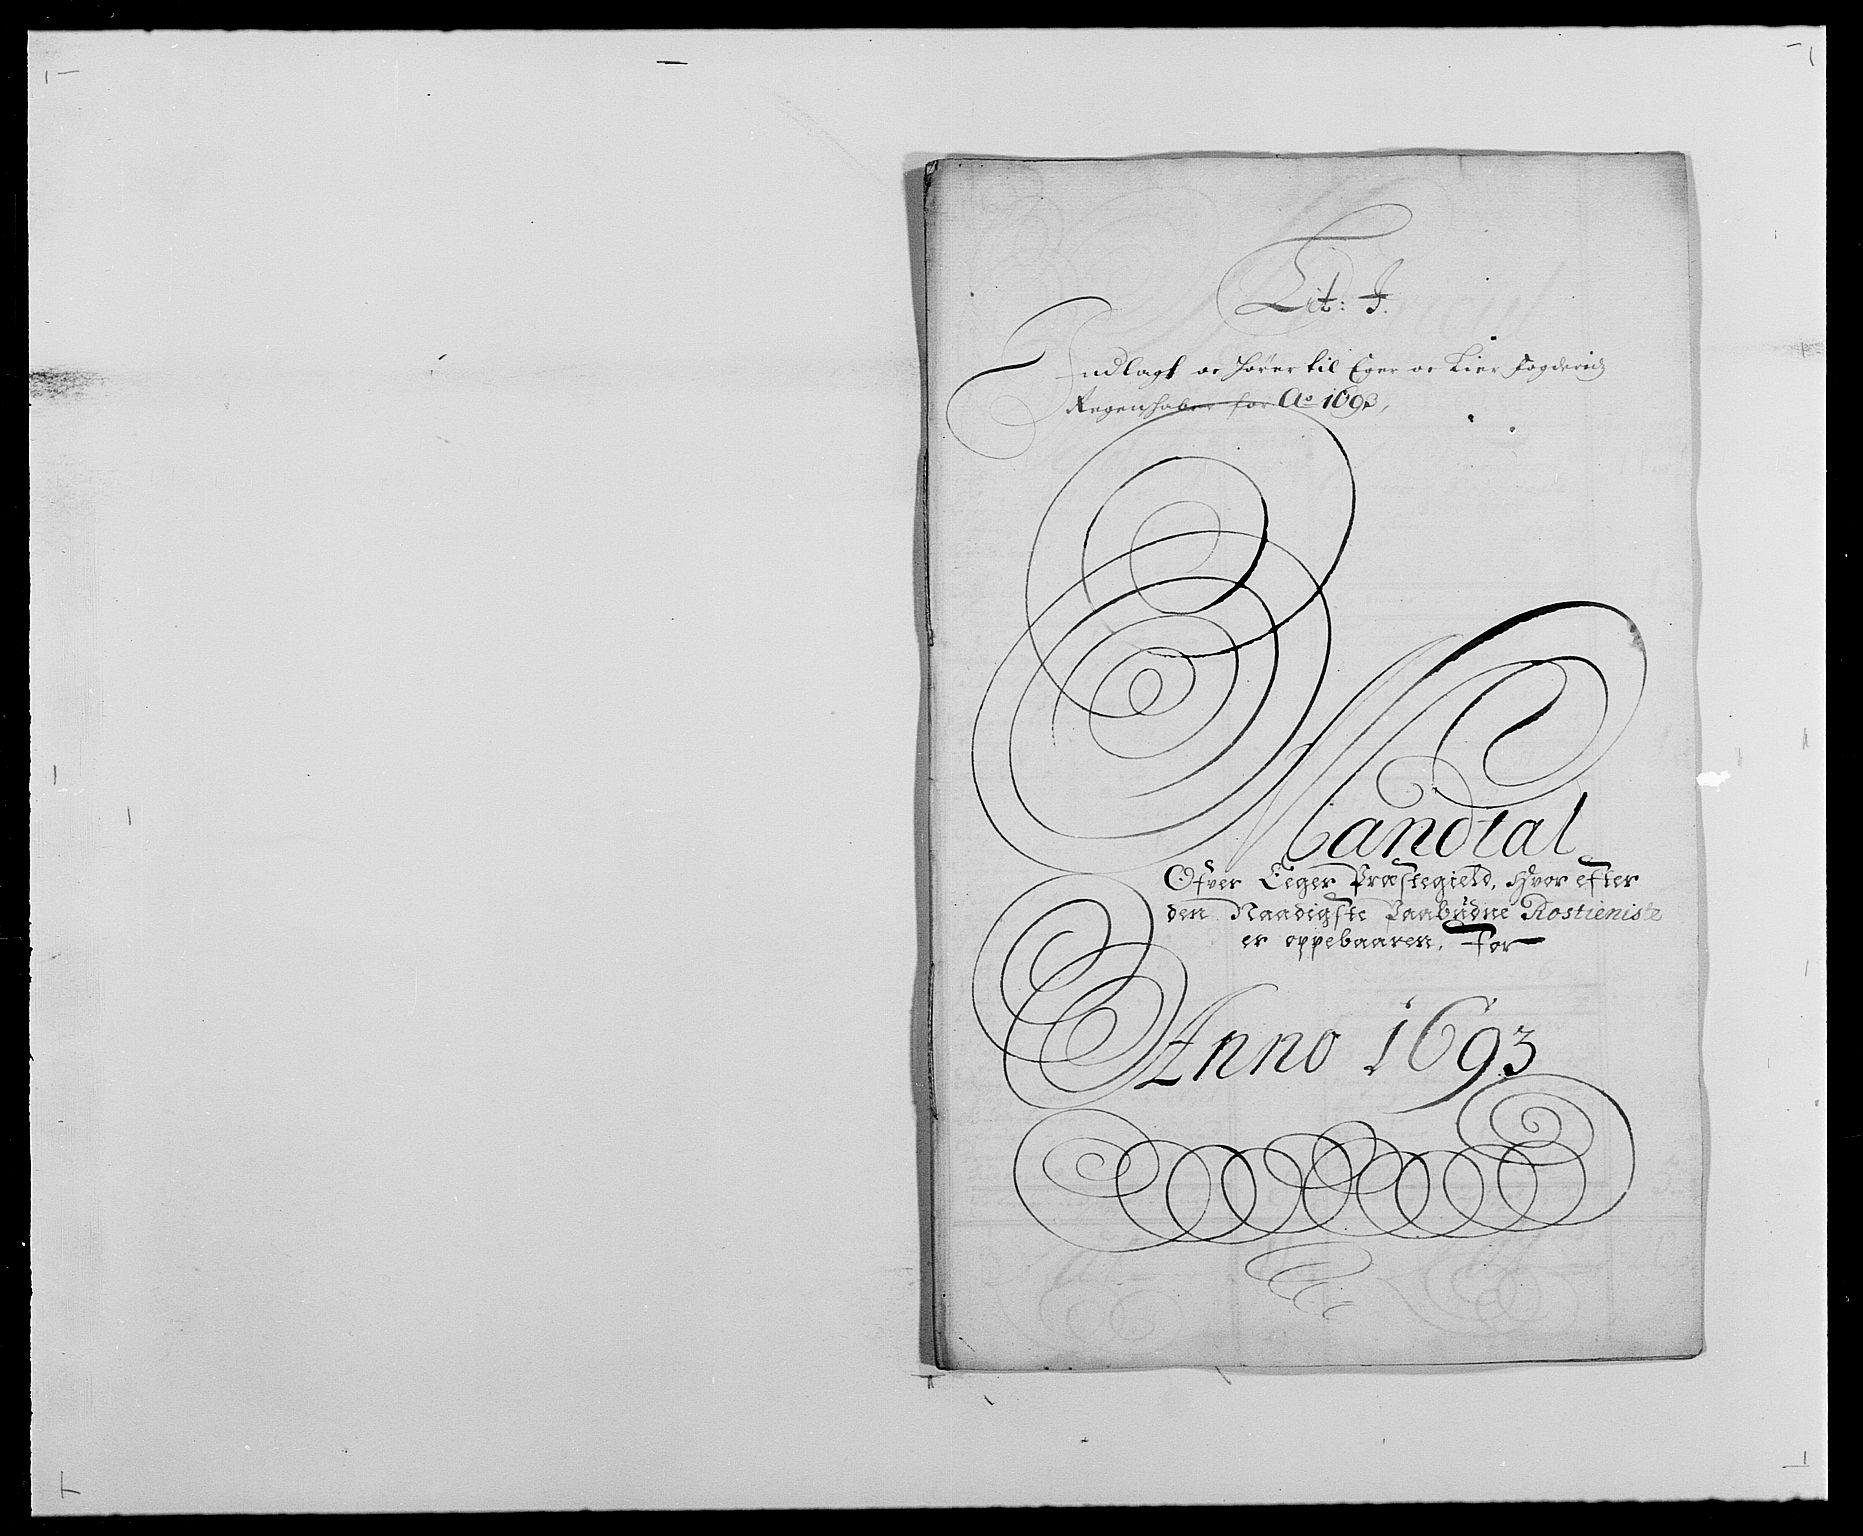 RA, Rentekammeret inntil 1814, Reviderte regnskaper, Fogderegnskap, R28/L1690: Fogderegnskap Eiker og Lier, 1692-1693, s. 193